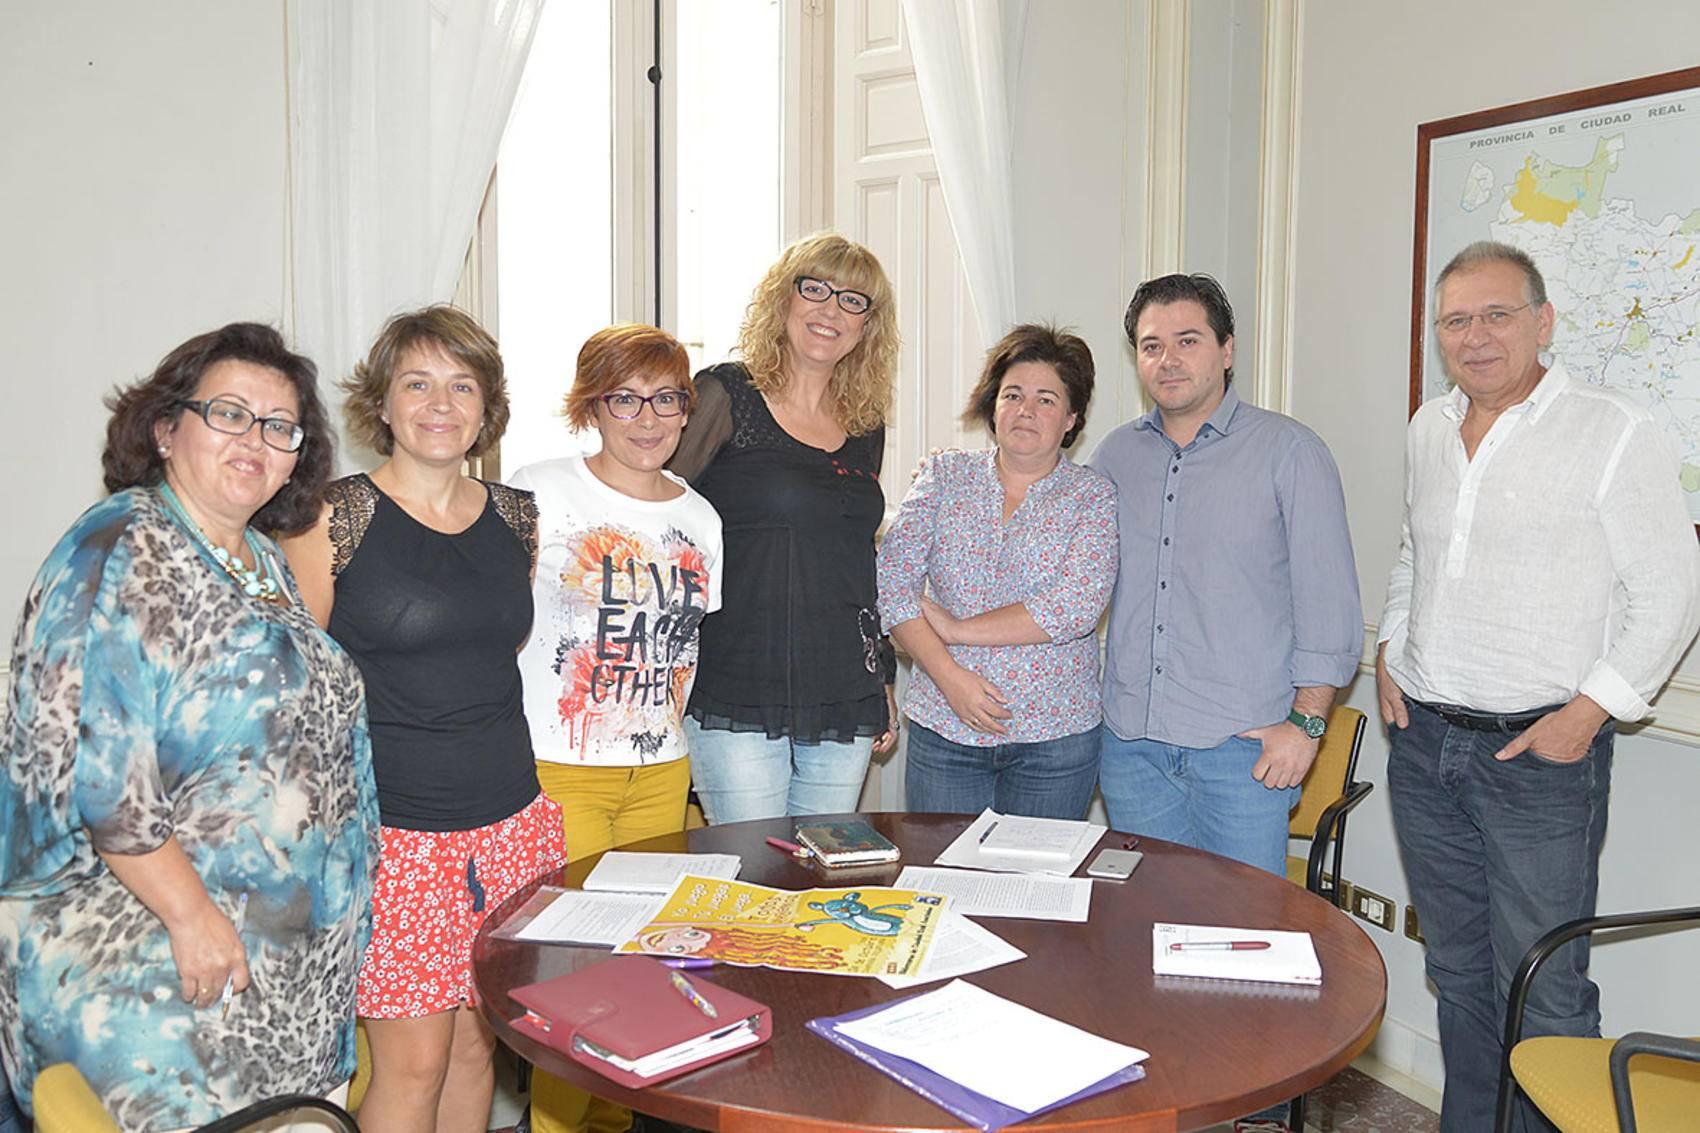 Reunion de biblotecarios de Ciudad Real en la diputación